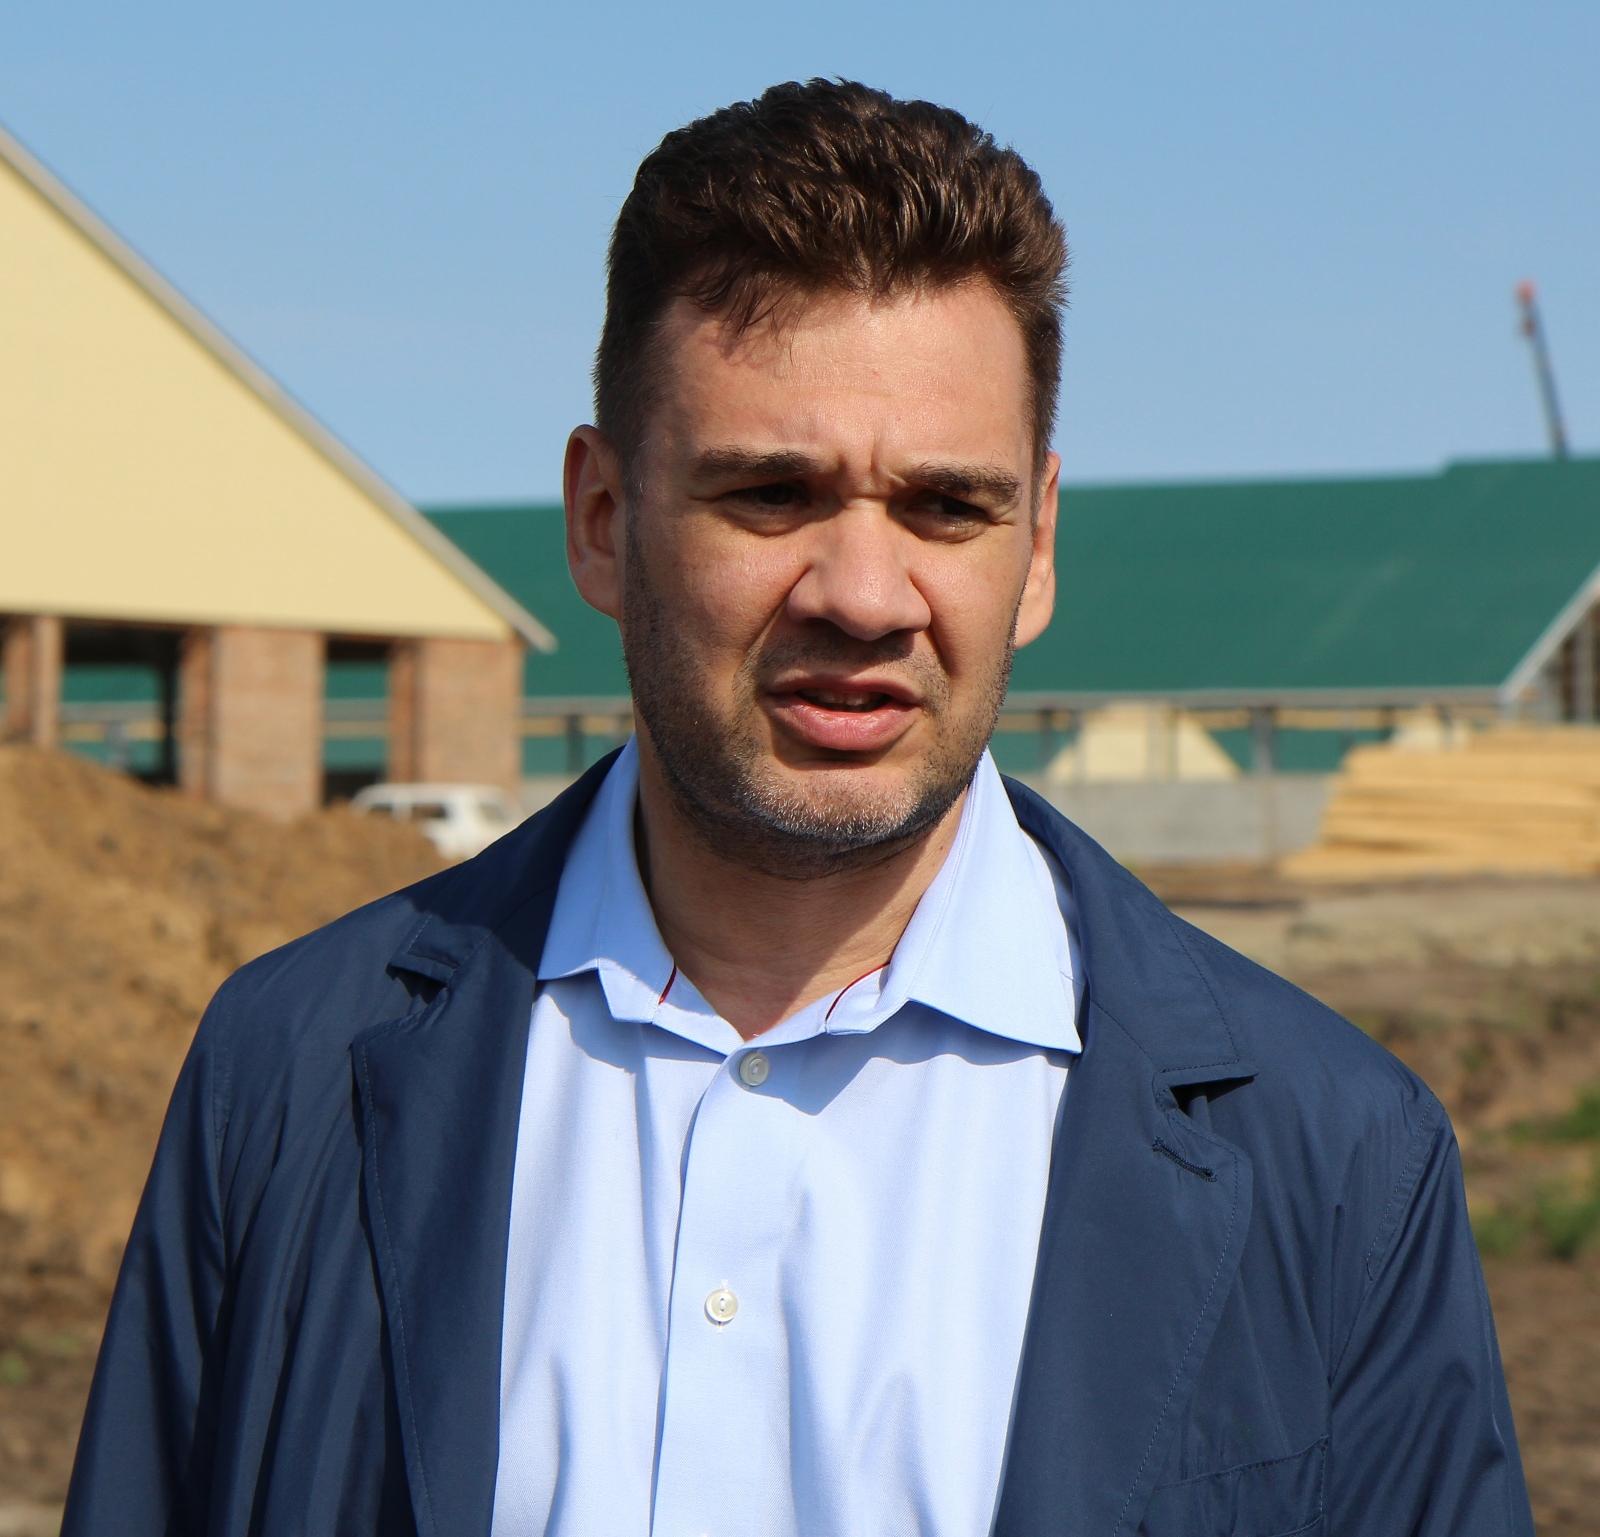 председатель правления СОЮЗМОЛОКО Андрей Львович Даниленко